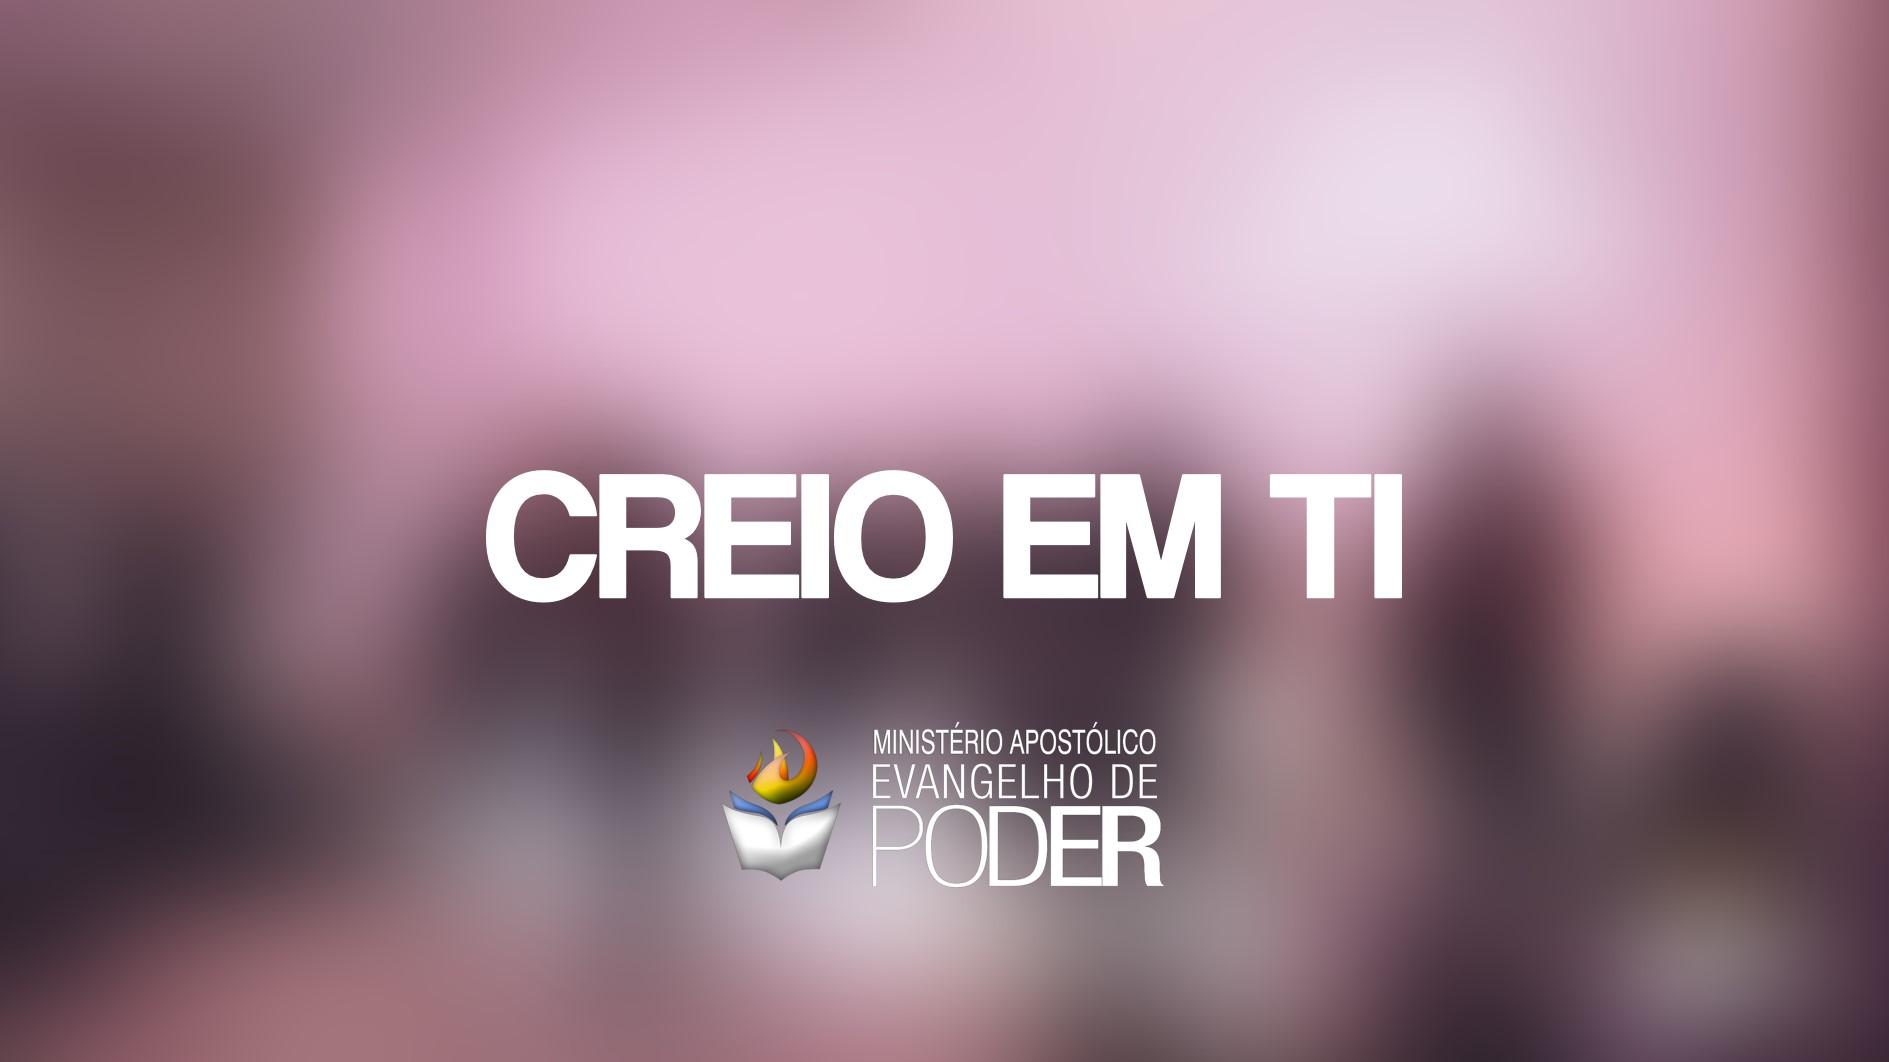 CREIO EM TI - AP. MIQUÉIAS CASTREZE & TAMI CARVALHO